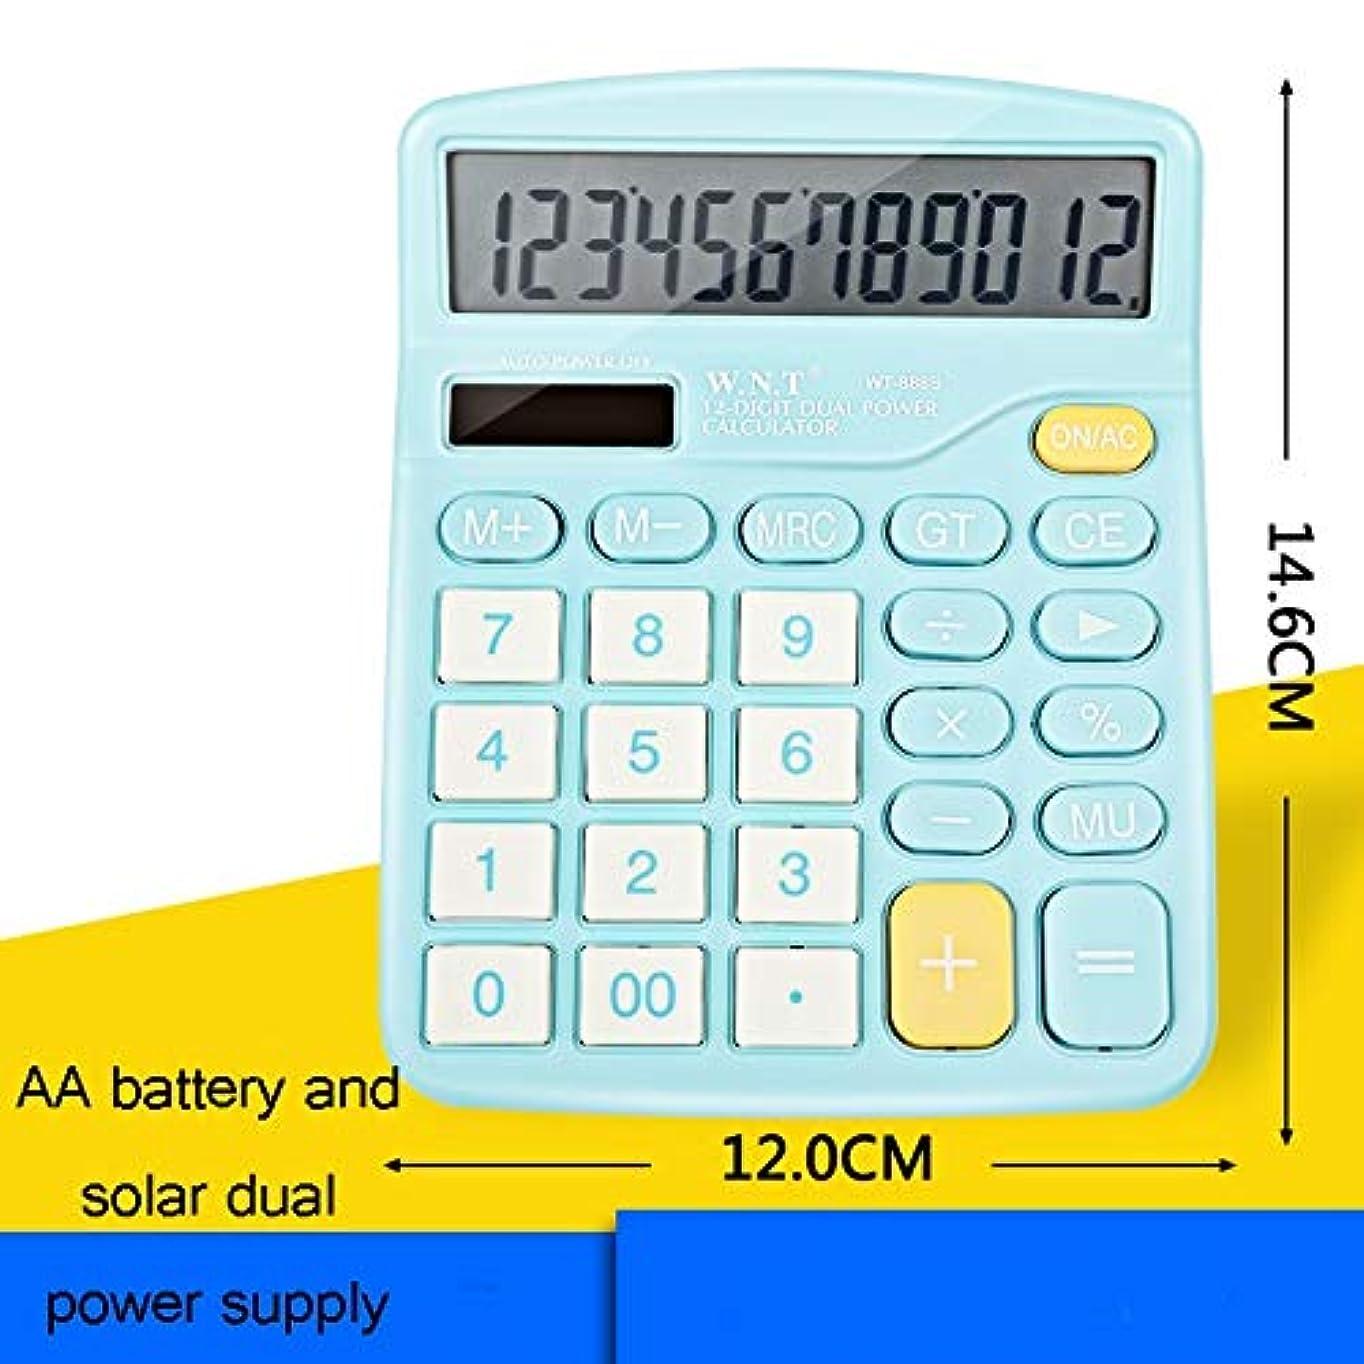 死にかけている経由でチャーター電子計算機 電子計算機 太陽電池デュアルパワーオフィス計算機 大型LCDモニター 大型LCDモニター 太陽電池デュアルパワーオフィス計算機 デスクトップ計算機 デスクトップ計算機 WG-87